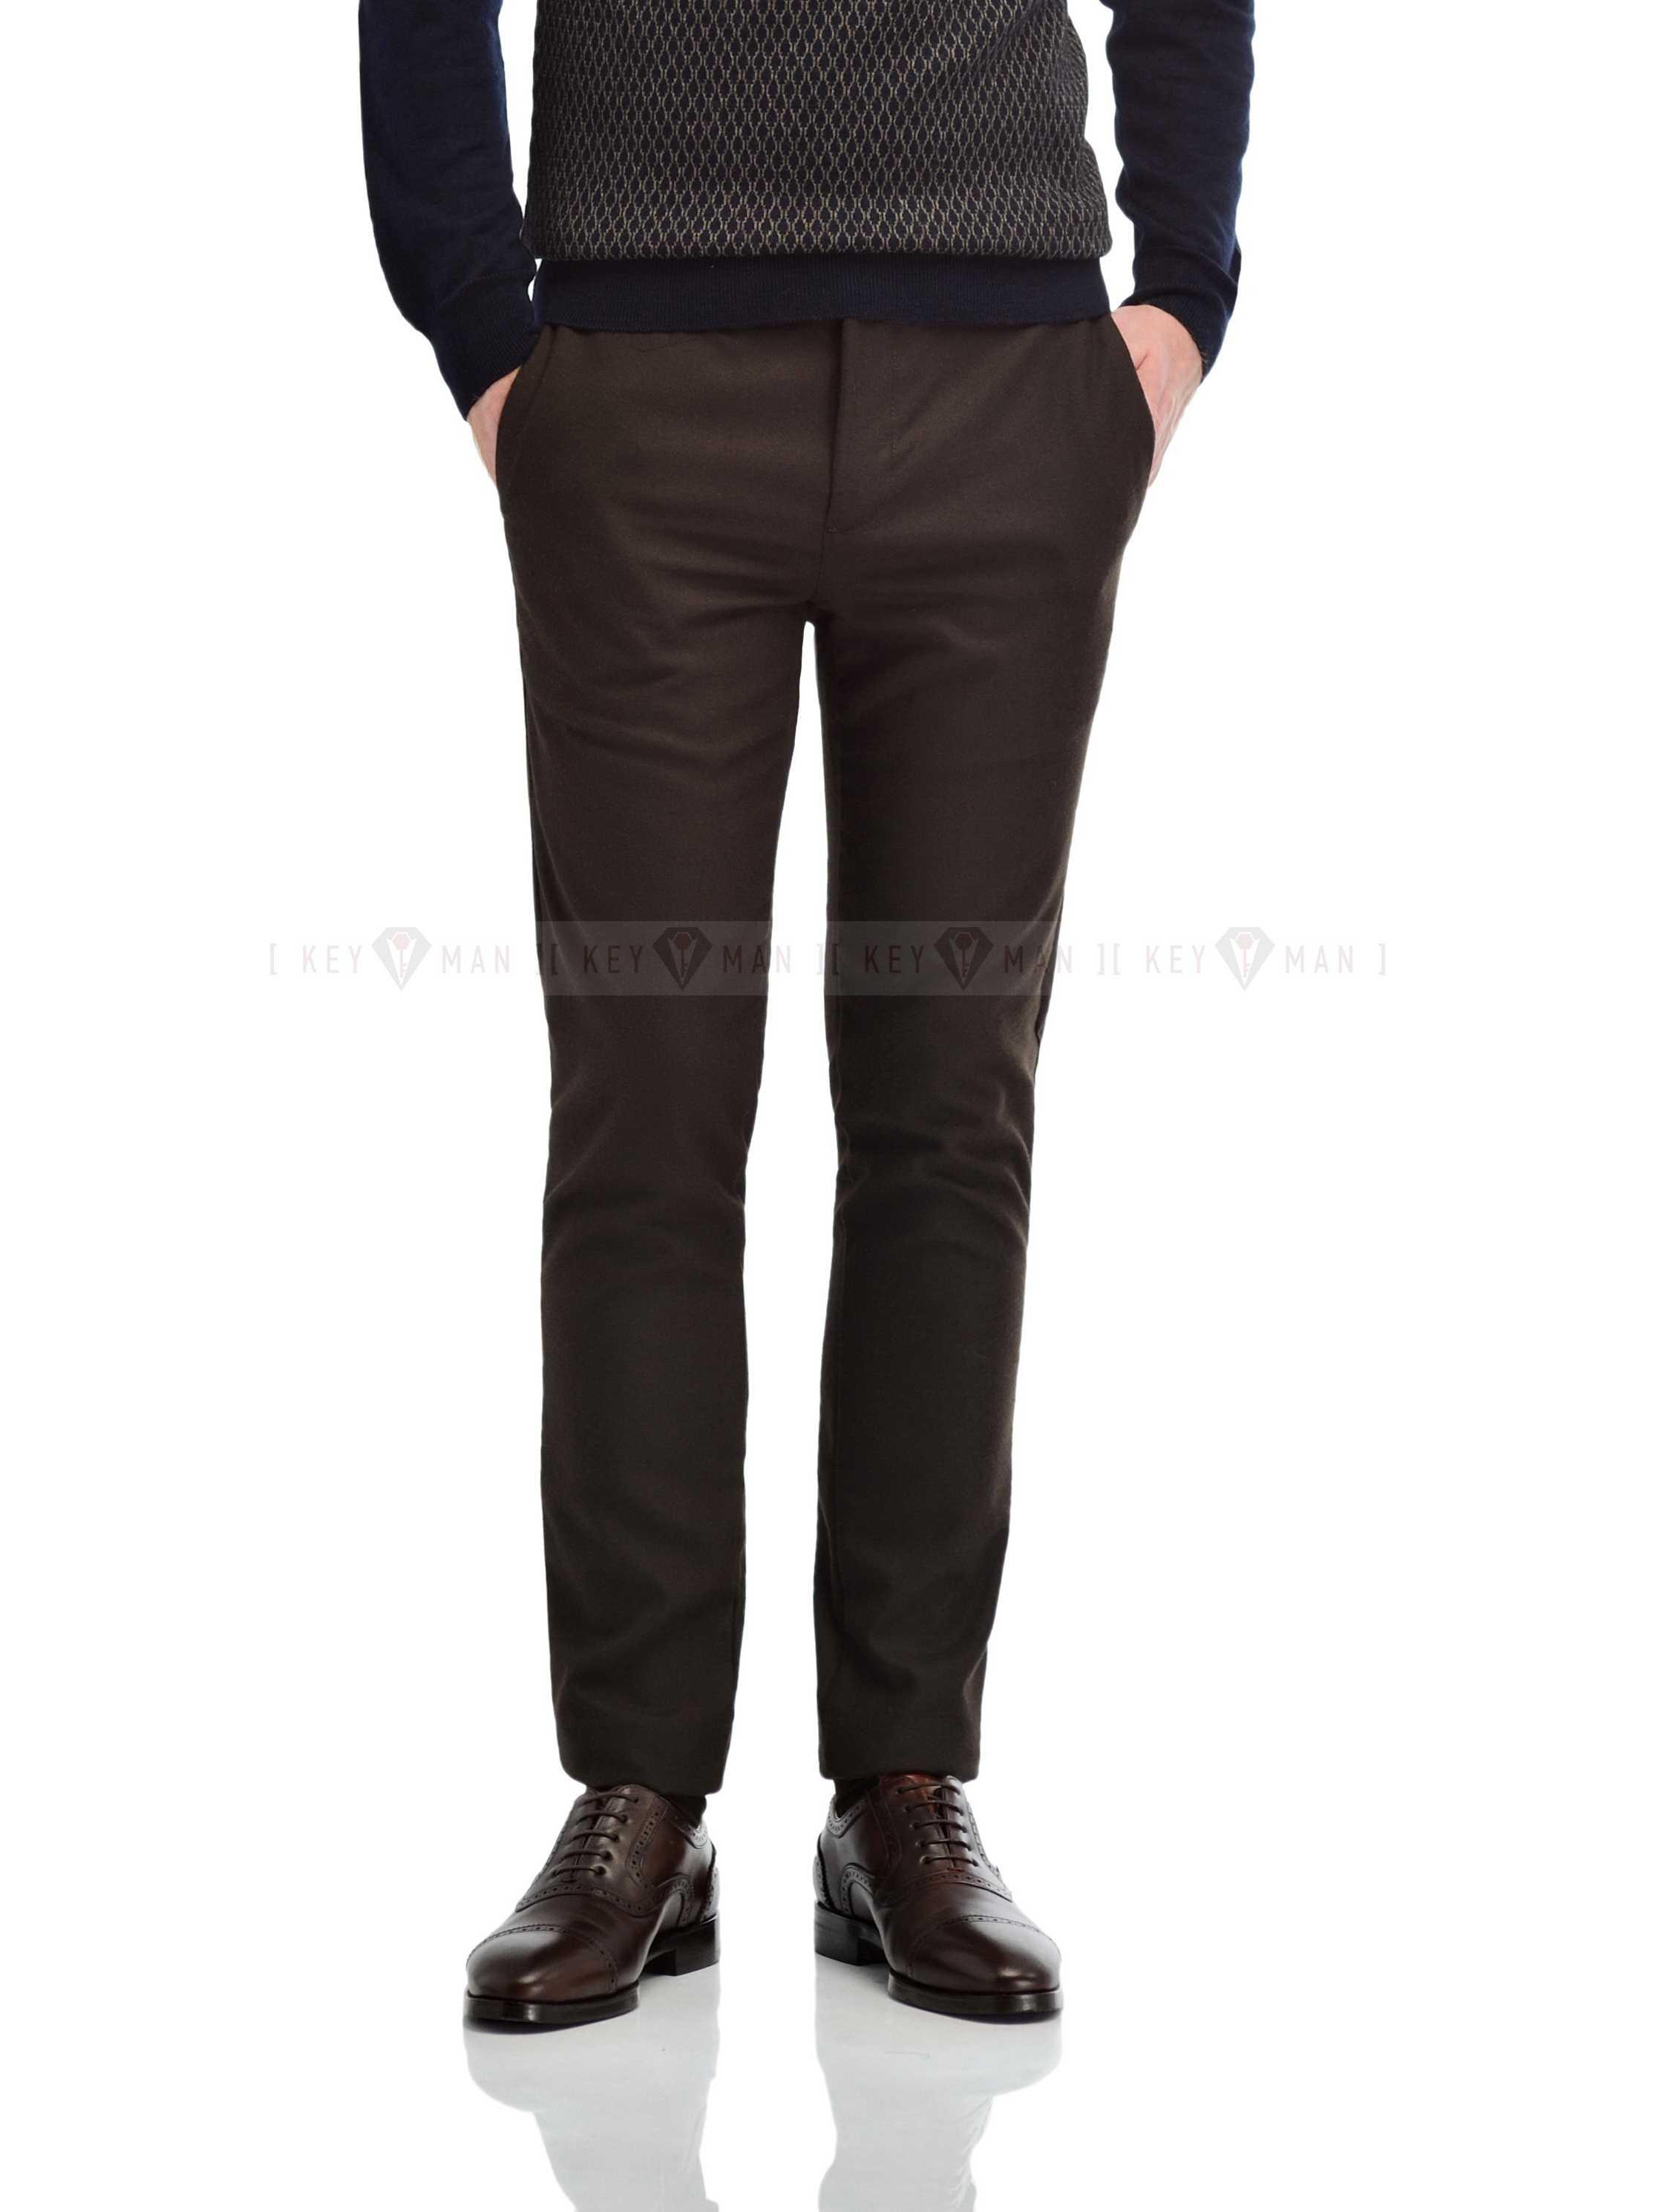 Брюки мужские чинос темно-коричневые из плотной ткани осень-зима